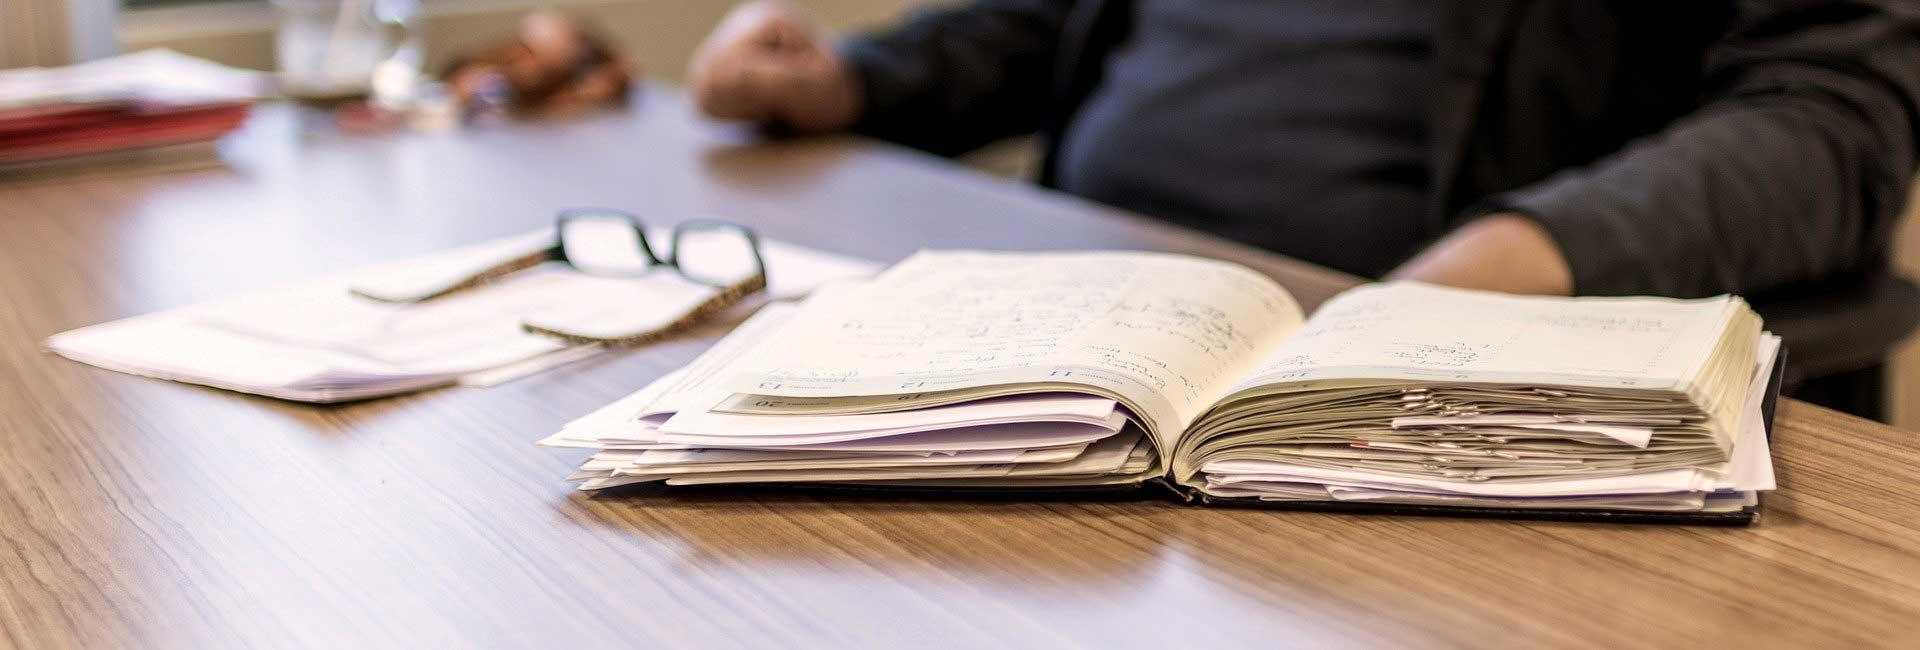 Komplexe Aufgaben unter Zeitdruck führen schnell zur Überforderung